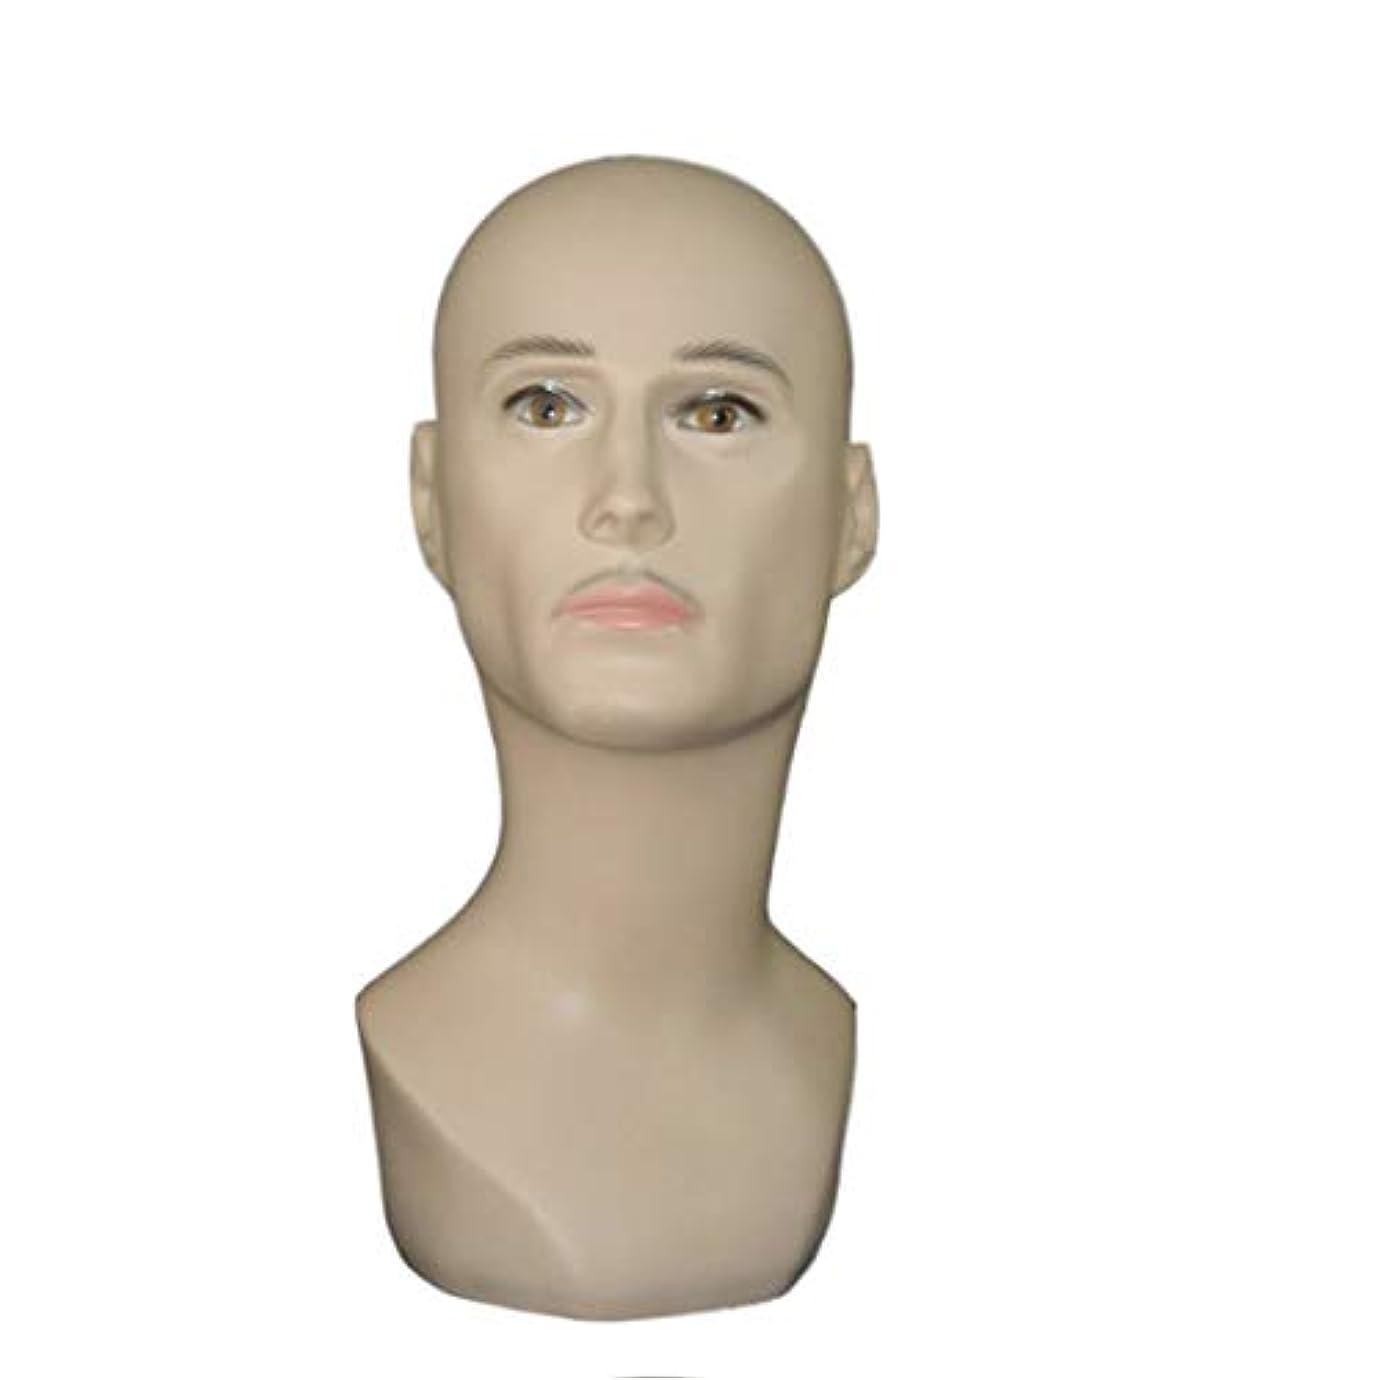 破滅的な干ばつアシストPVCヘッド型トレーニングマネキンフラットヘッド練習、ヘッド美容男性ヘッド型メガネ&caphatショーマネキンヘッド ヘアケア (Style : B)